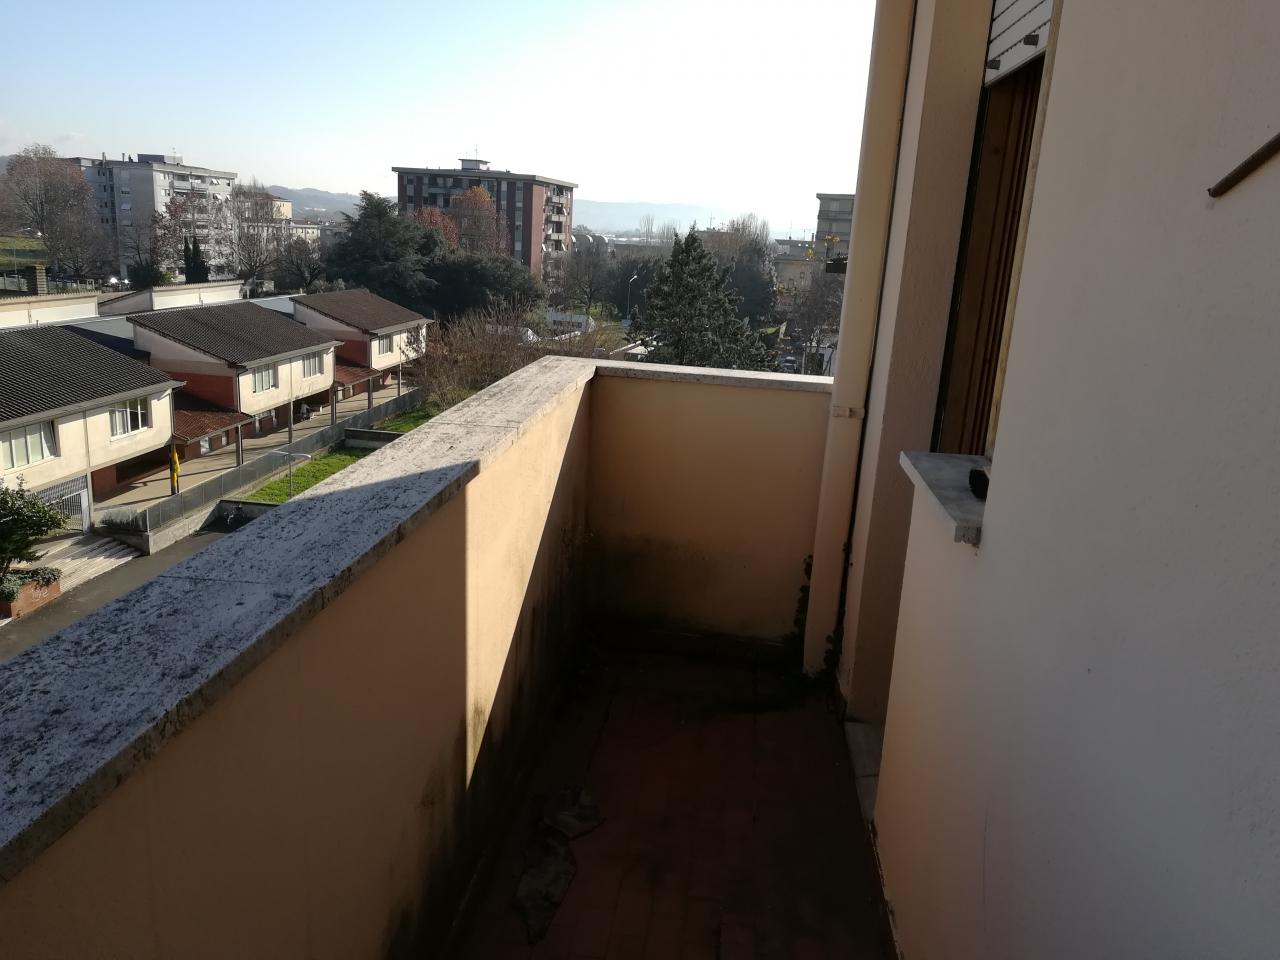 Appartamento in vendita a Montevarchi, 4 locali, prezzo € 135.000 | CambioCasa.it